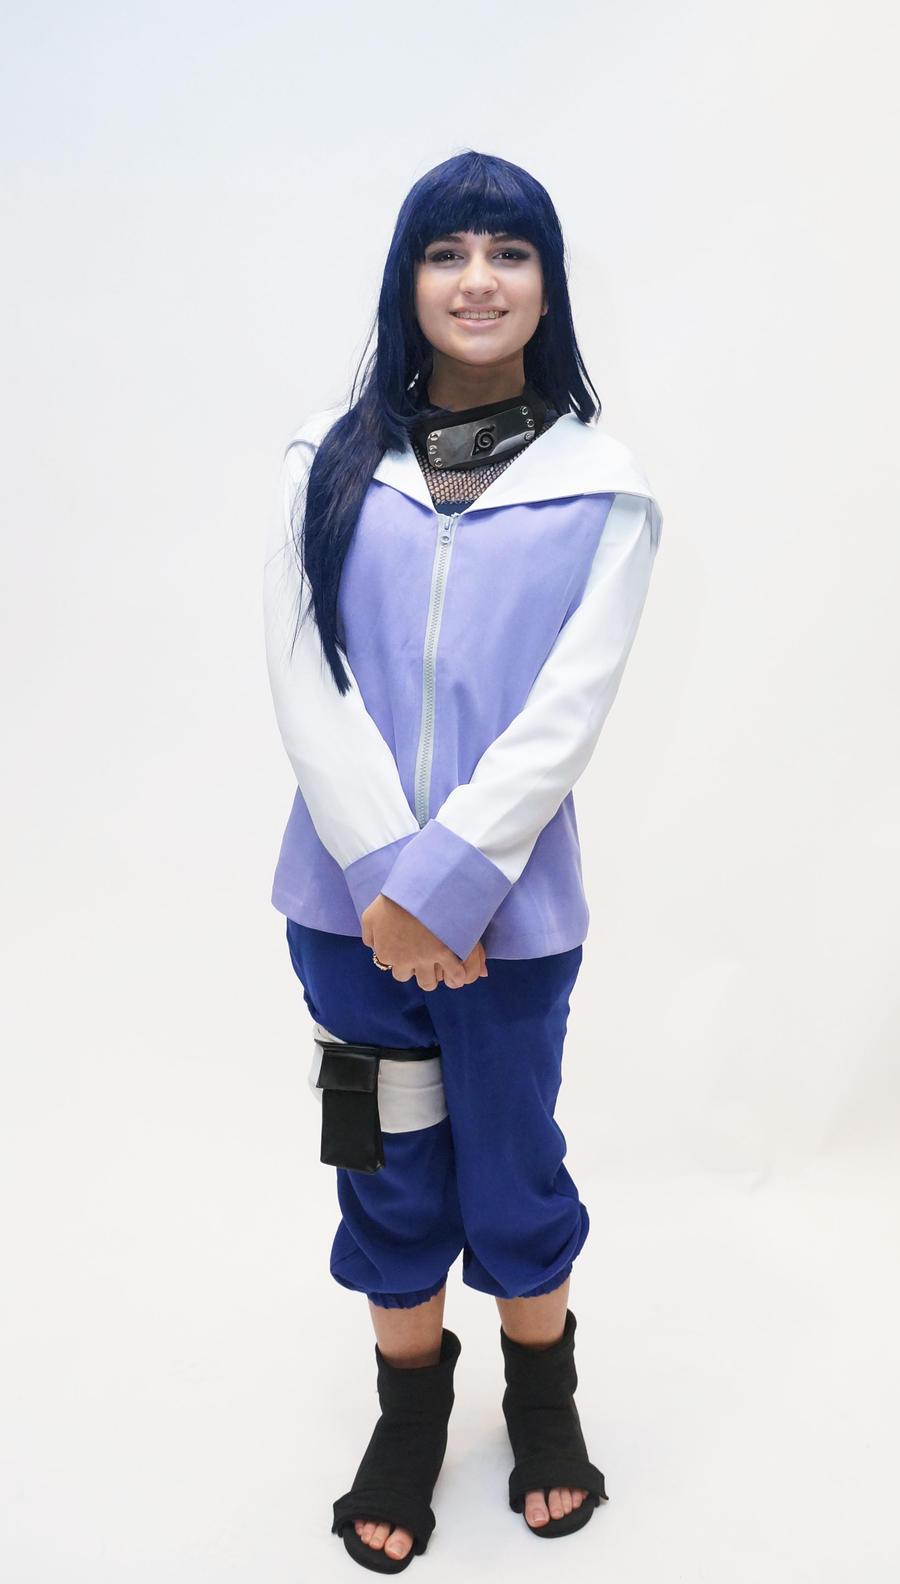 [Cosplay] Ino (Naruto) by Kristy CHE (NSFW) 18+   G4SKY.net  Seto Hinata Costume